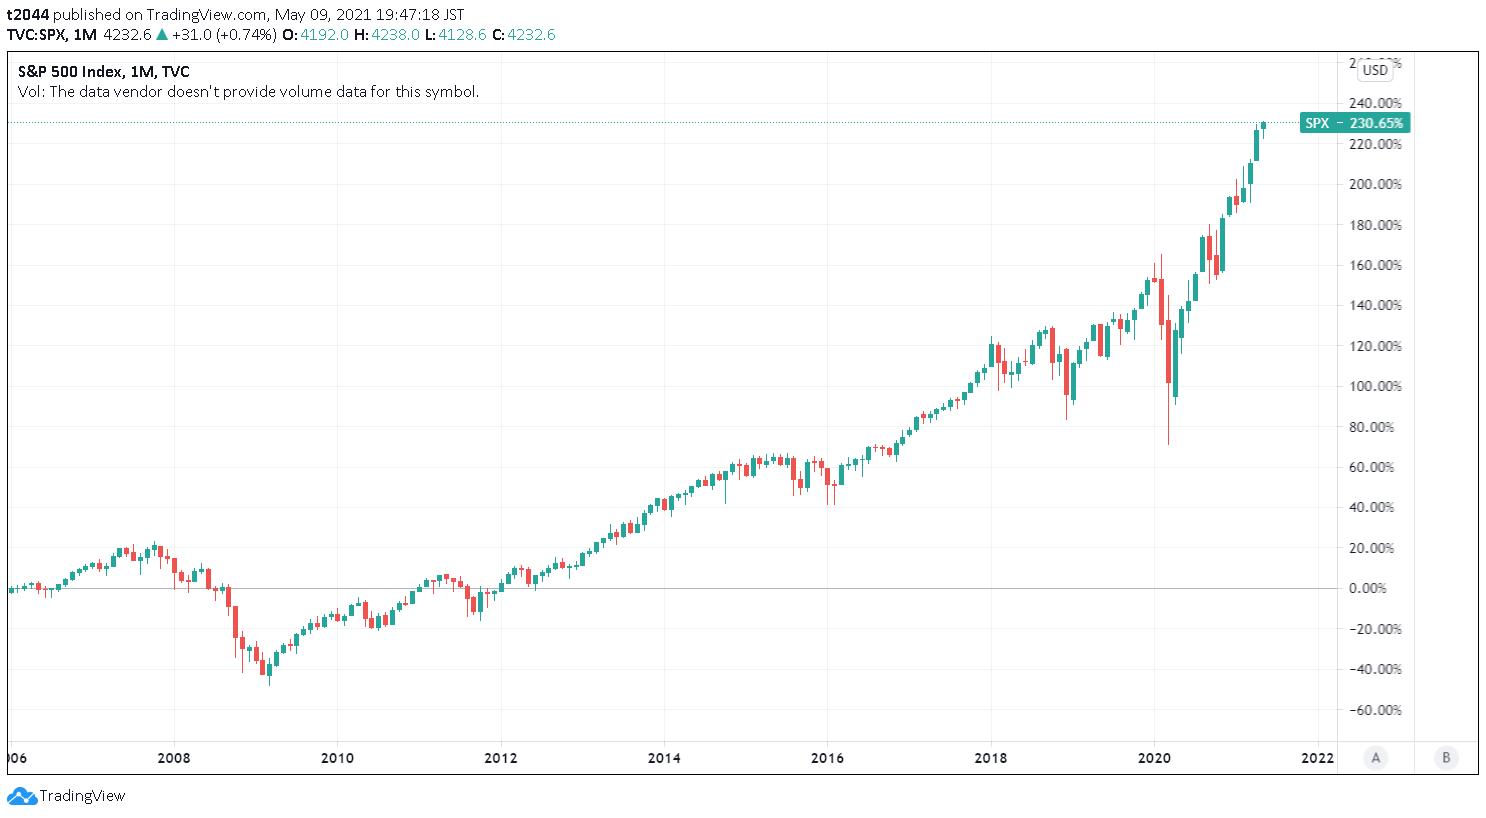 2006年1月4日~2021年5月7日 S&P500指数は終値ベースで332.37%上昇。1日当たりのCAGRは+0.031% 分析期間のチャートは横ばい~右肩上がり。